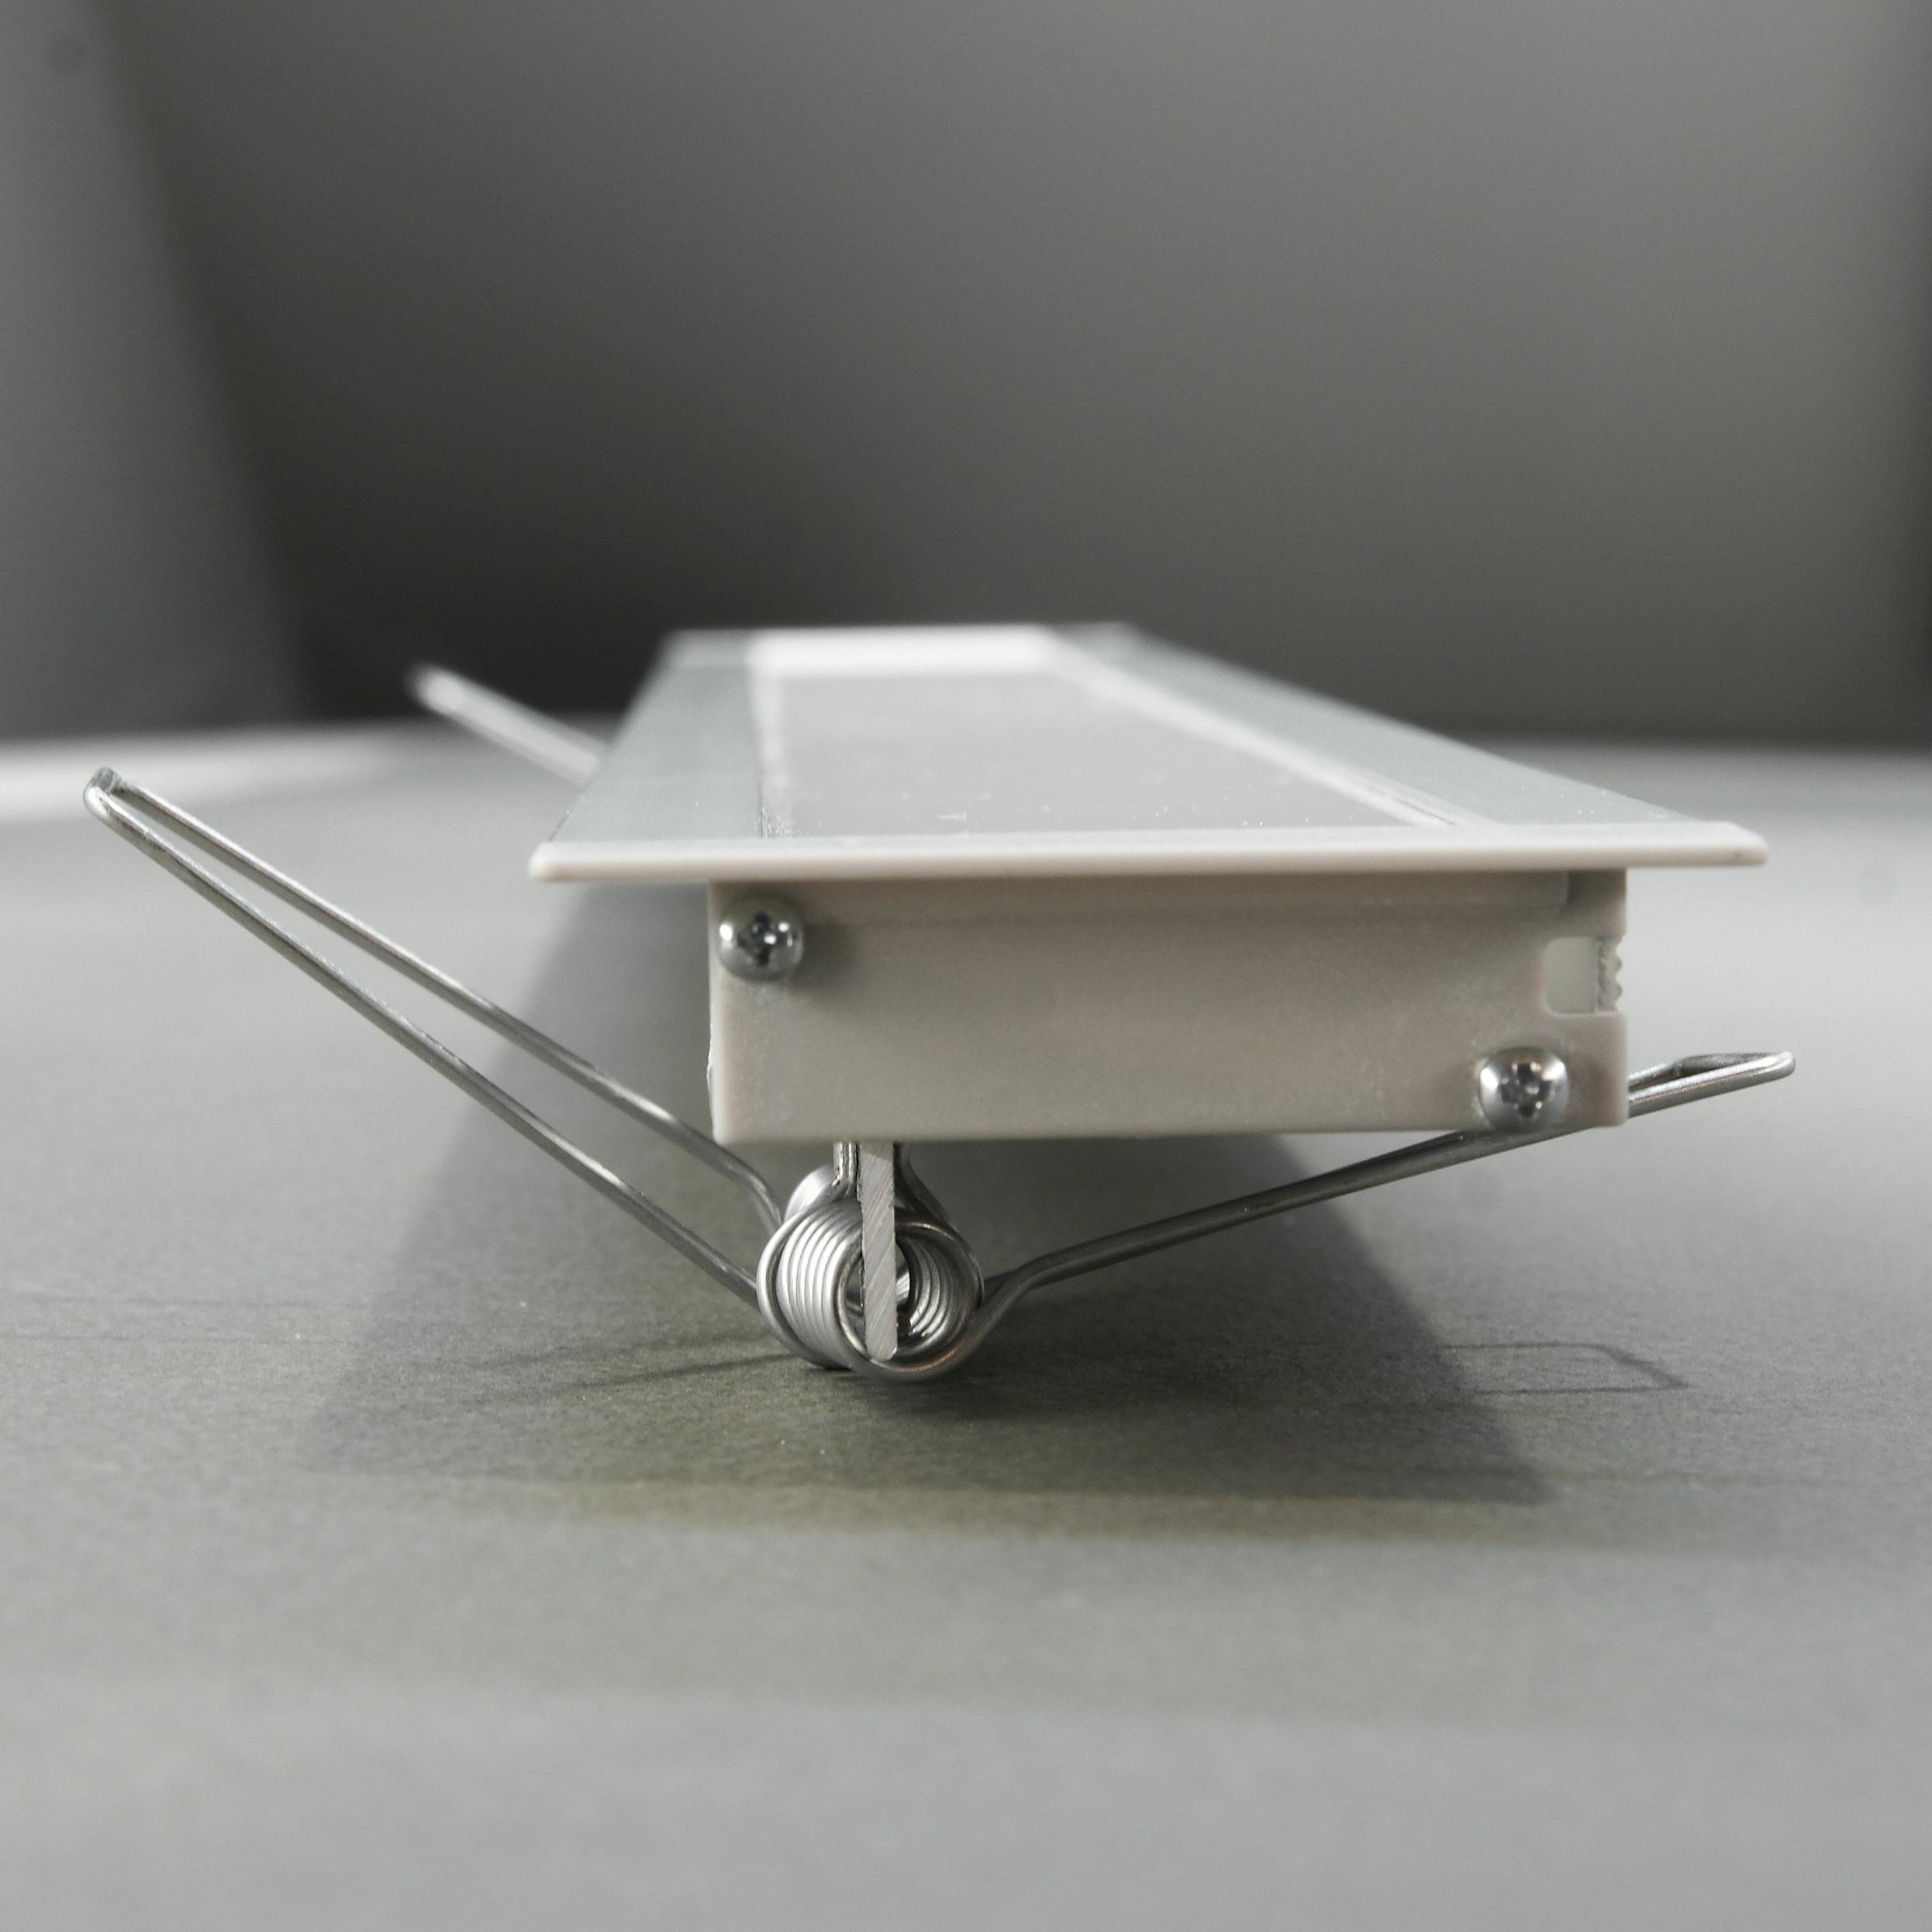 kit profil s led aluminium blanc noir encastrable flat 2m pour ruban led. Black Bedroom Furniture Sets. Home Design Ideas